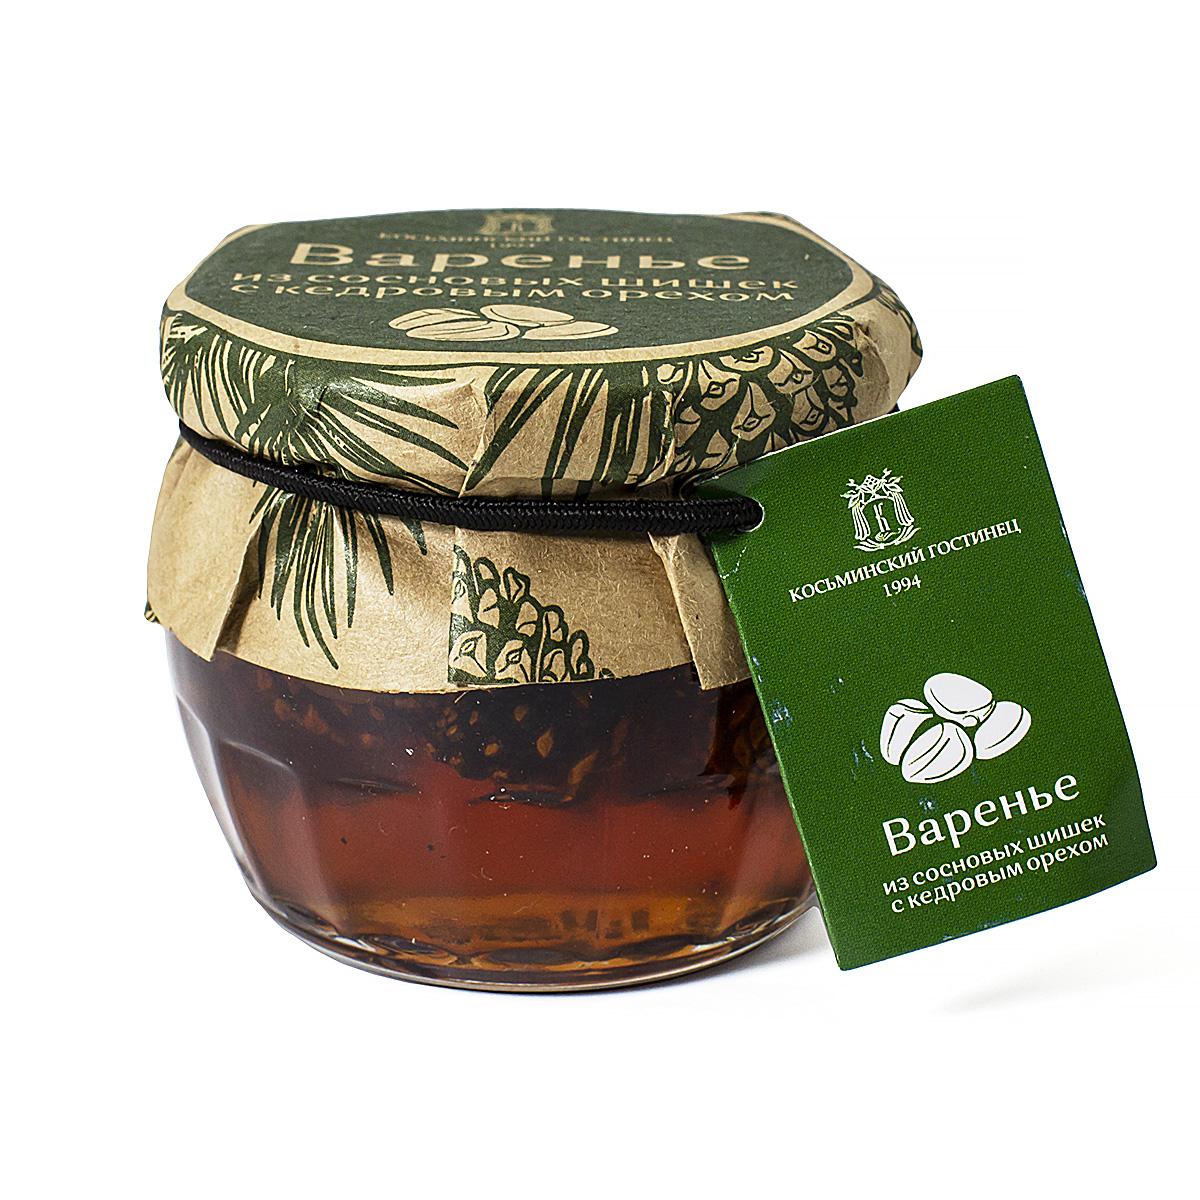 Варенье из сосновых шишек с кедровым орехом, 160 г